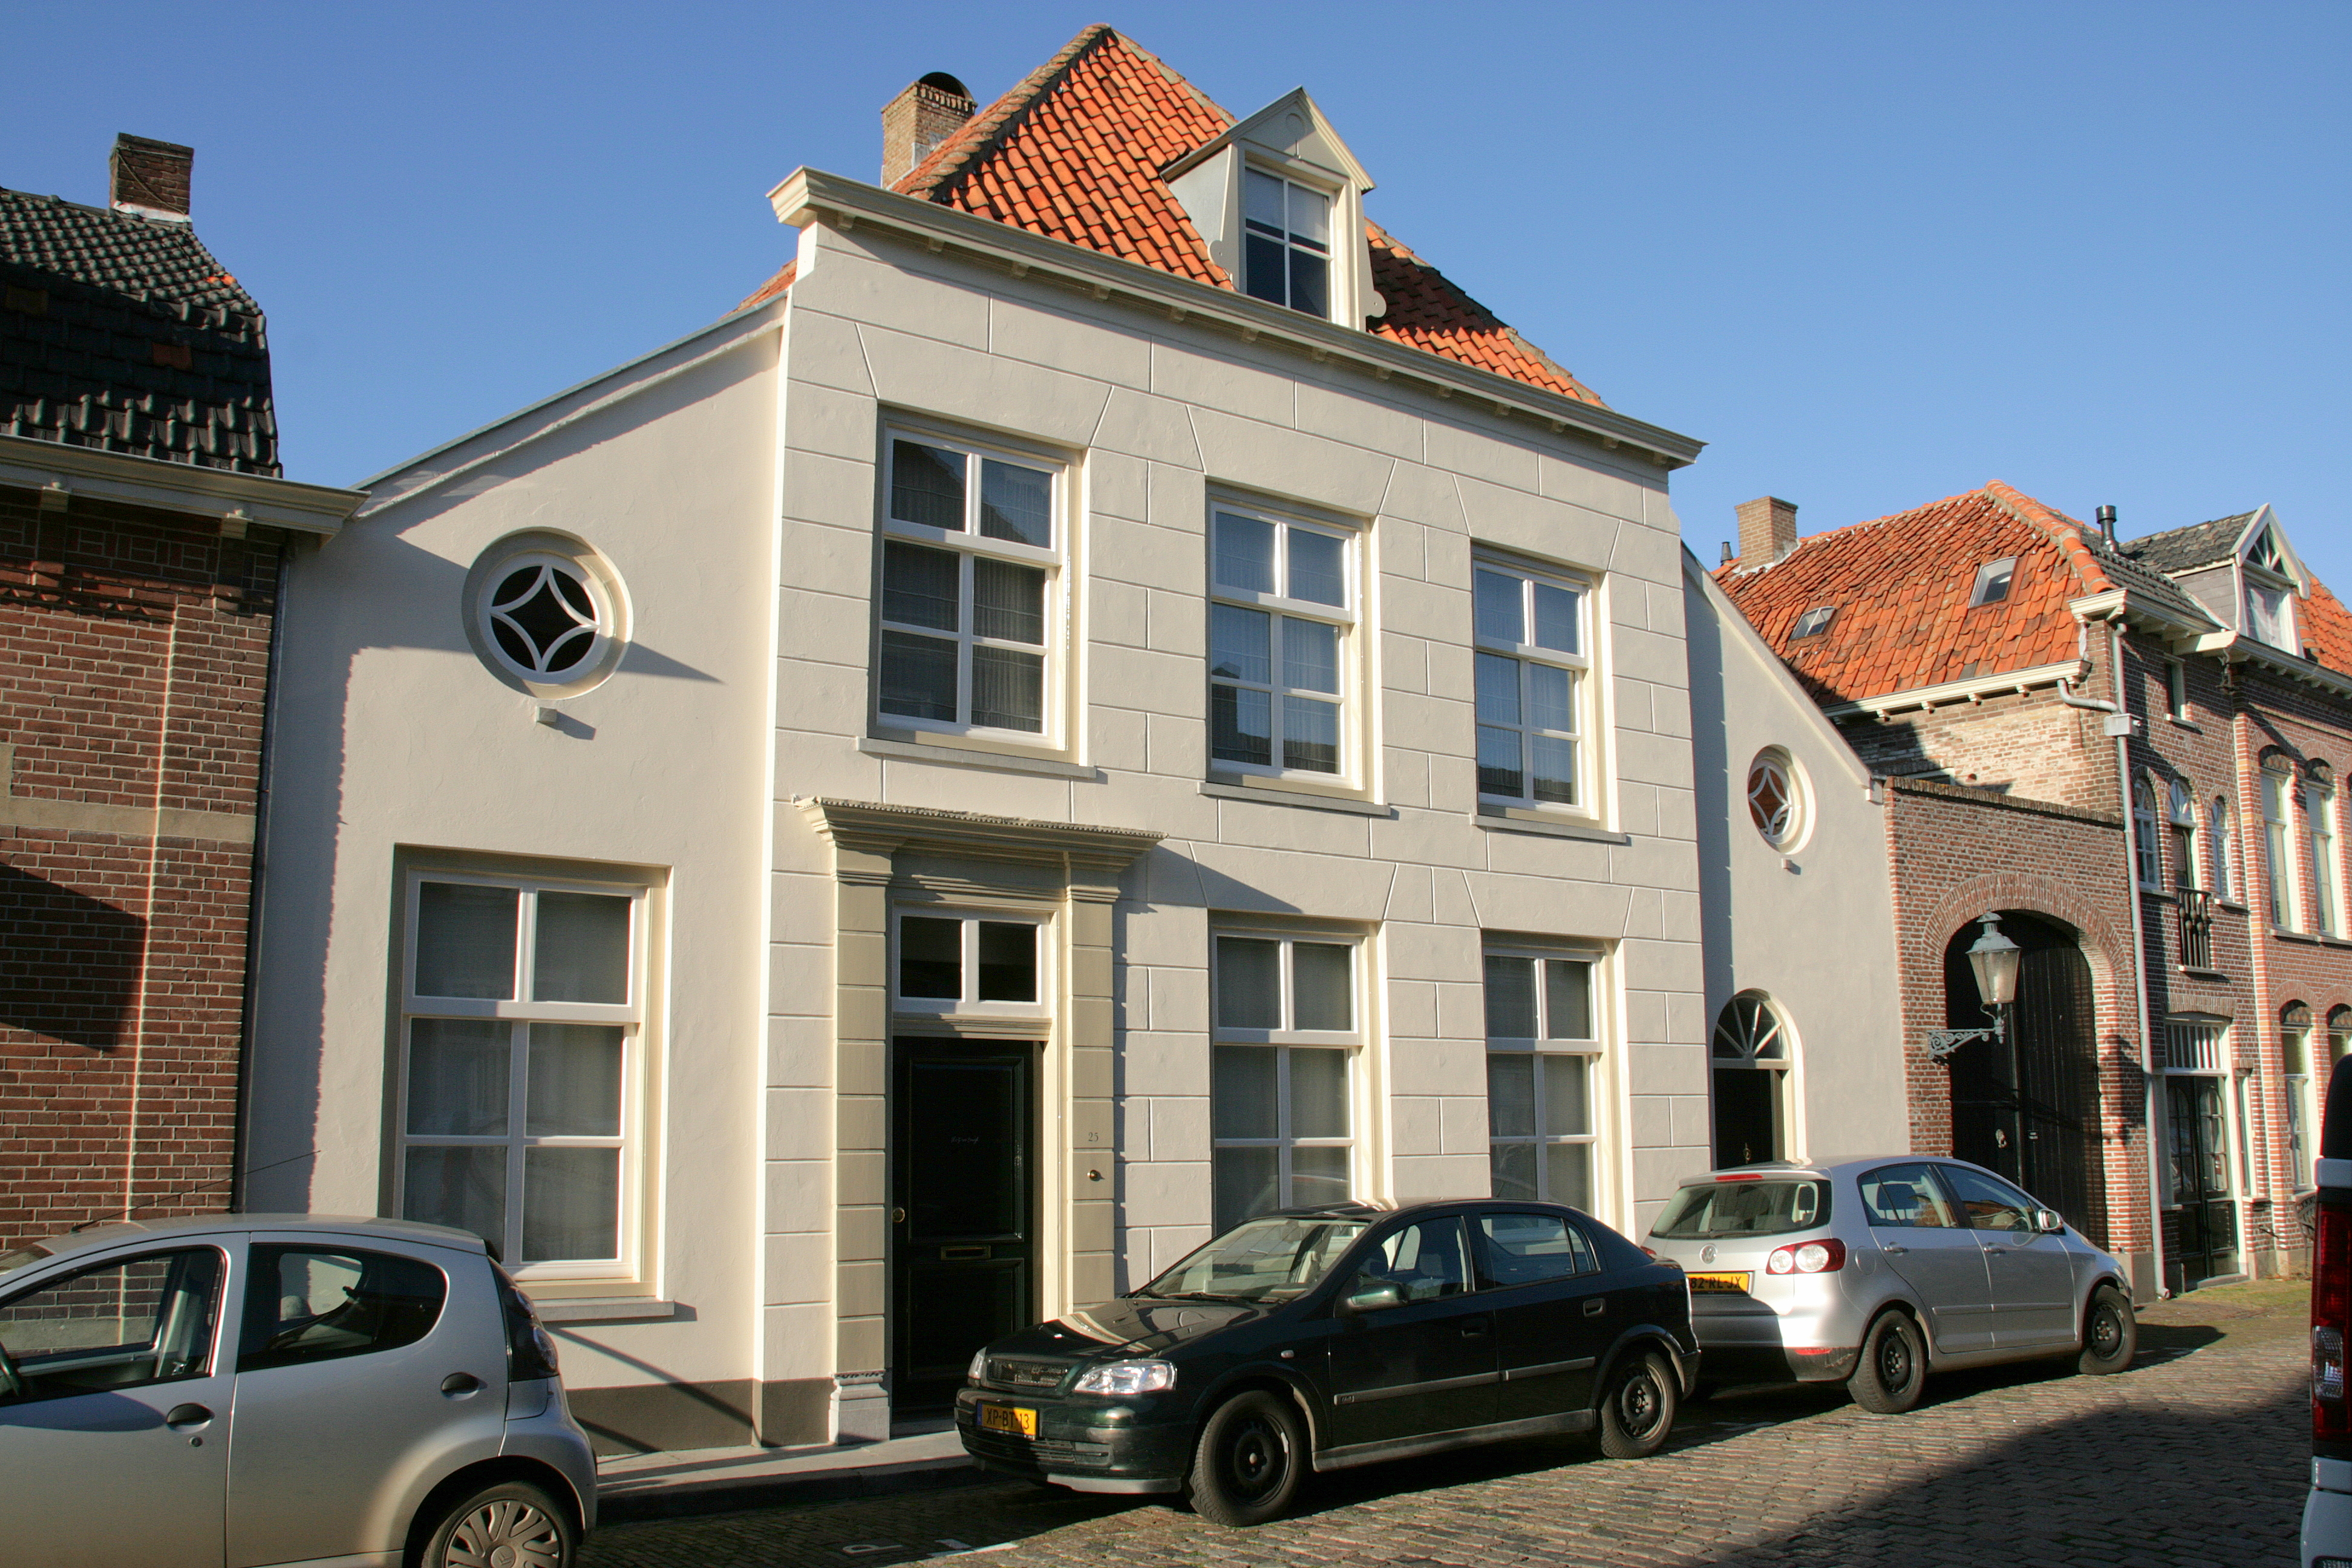 Huis onder met rode pannen belegd schilddak en met lijstgevel waarin geblokte ingang omlijsting - Huis ingang ...